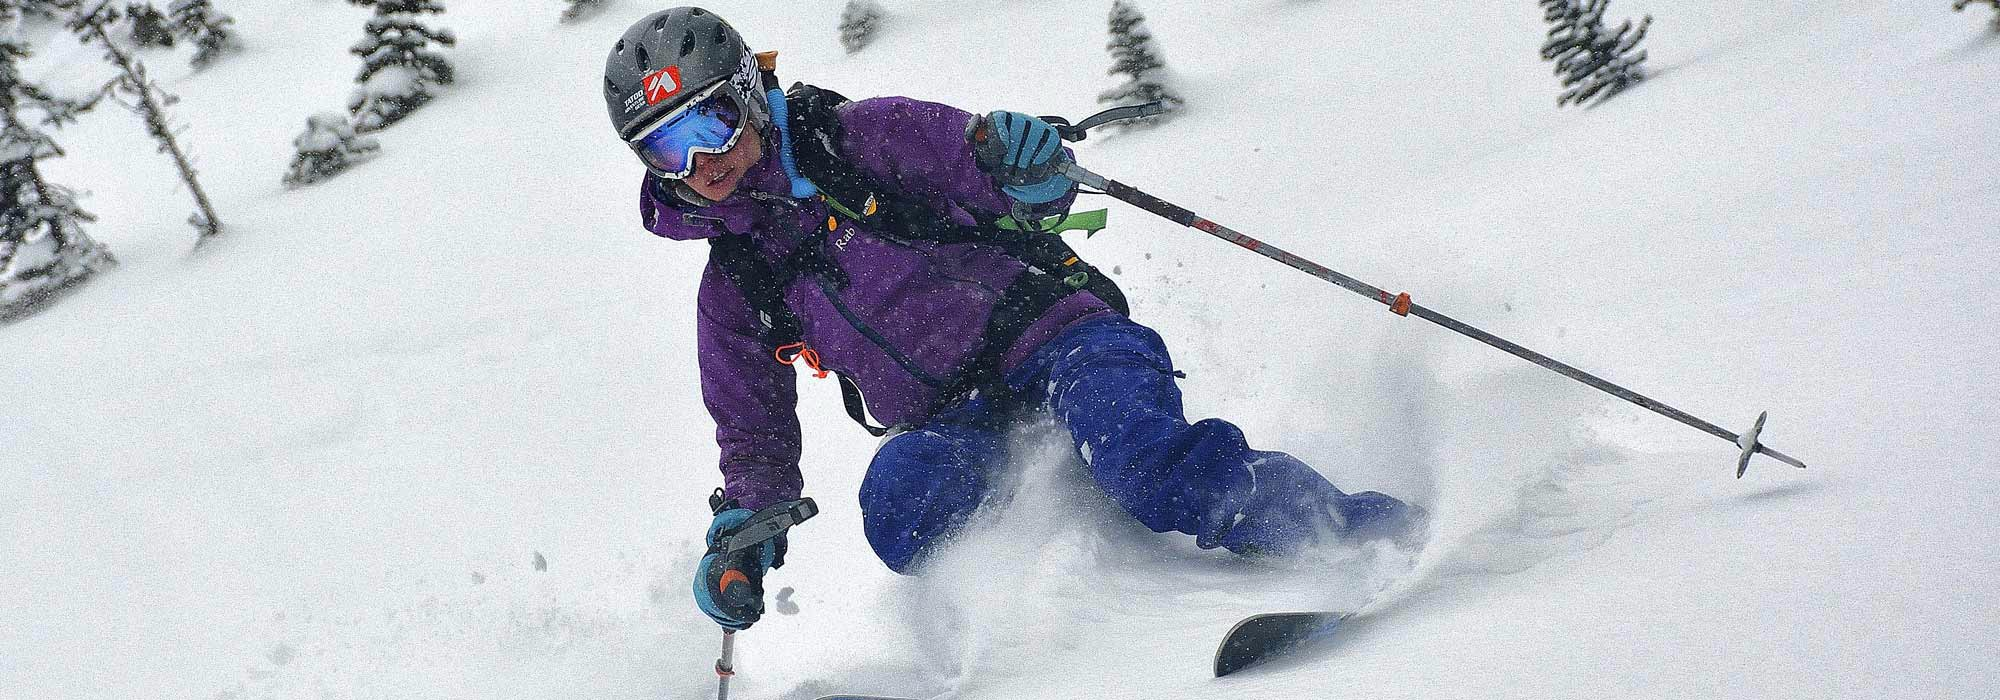 esquí de montaña Rosario Toro